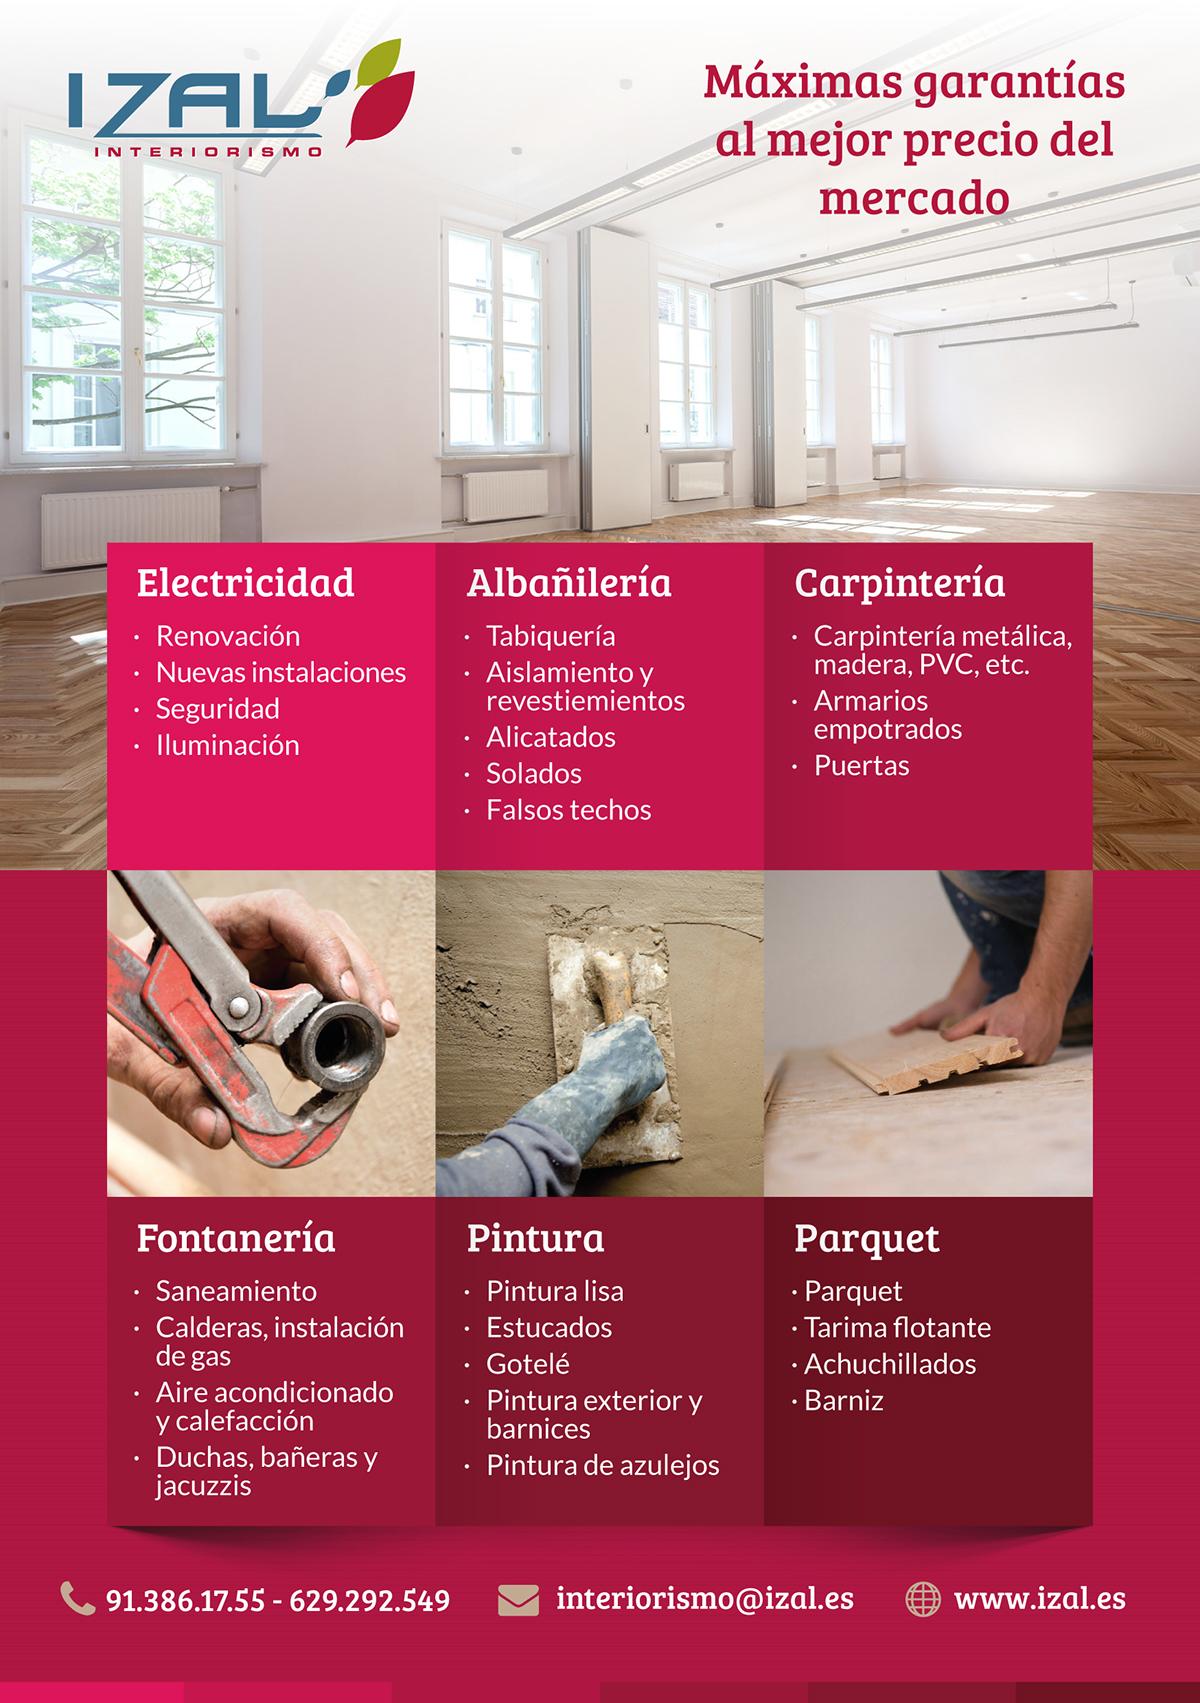 flyer Izal Interiorismo interiorism Reformas Reforms construccion building